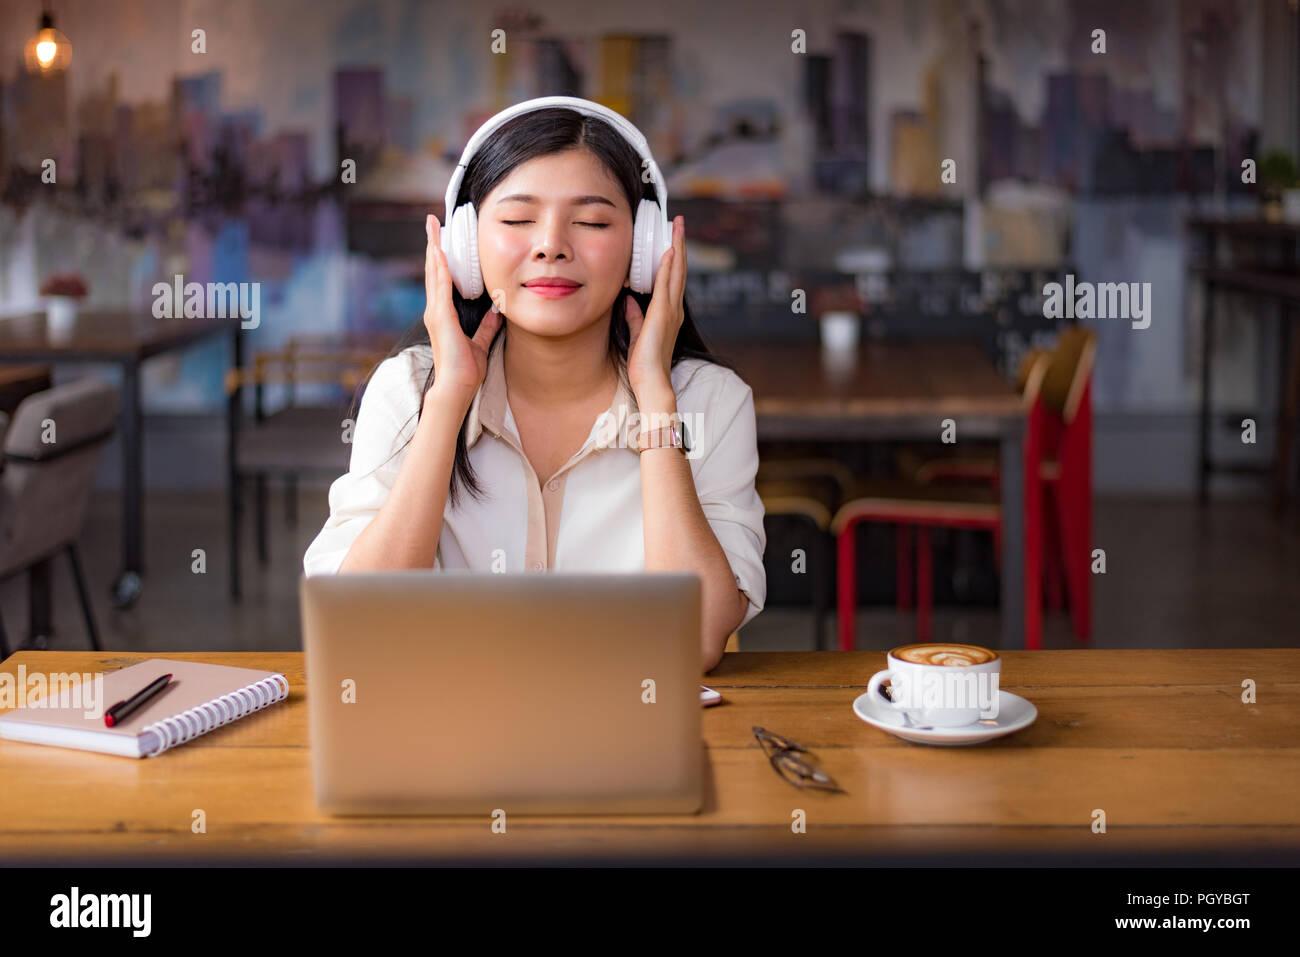 Belle femme asiatique se détendre et écouter de la musique en café avec ordinateur portable et tasse à café. Les gens et les modes de concept. Offres de travail heureux Photo Stock